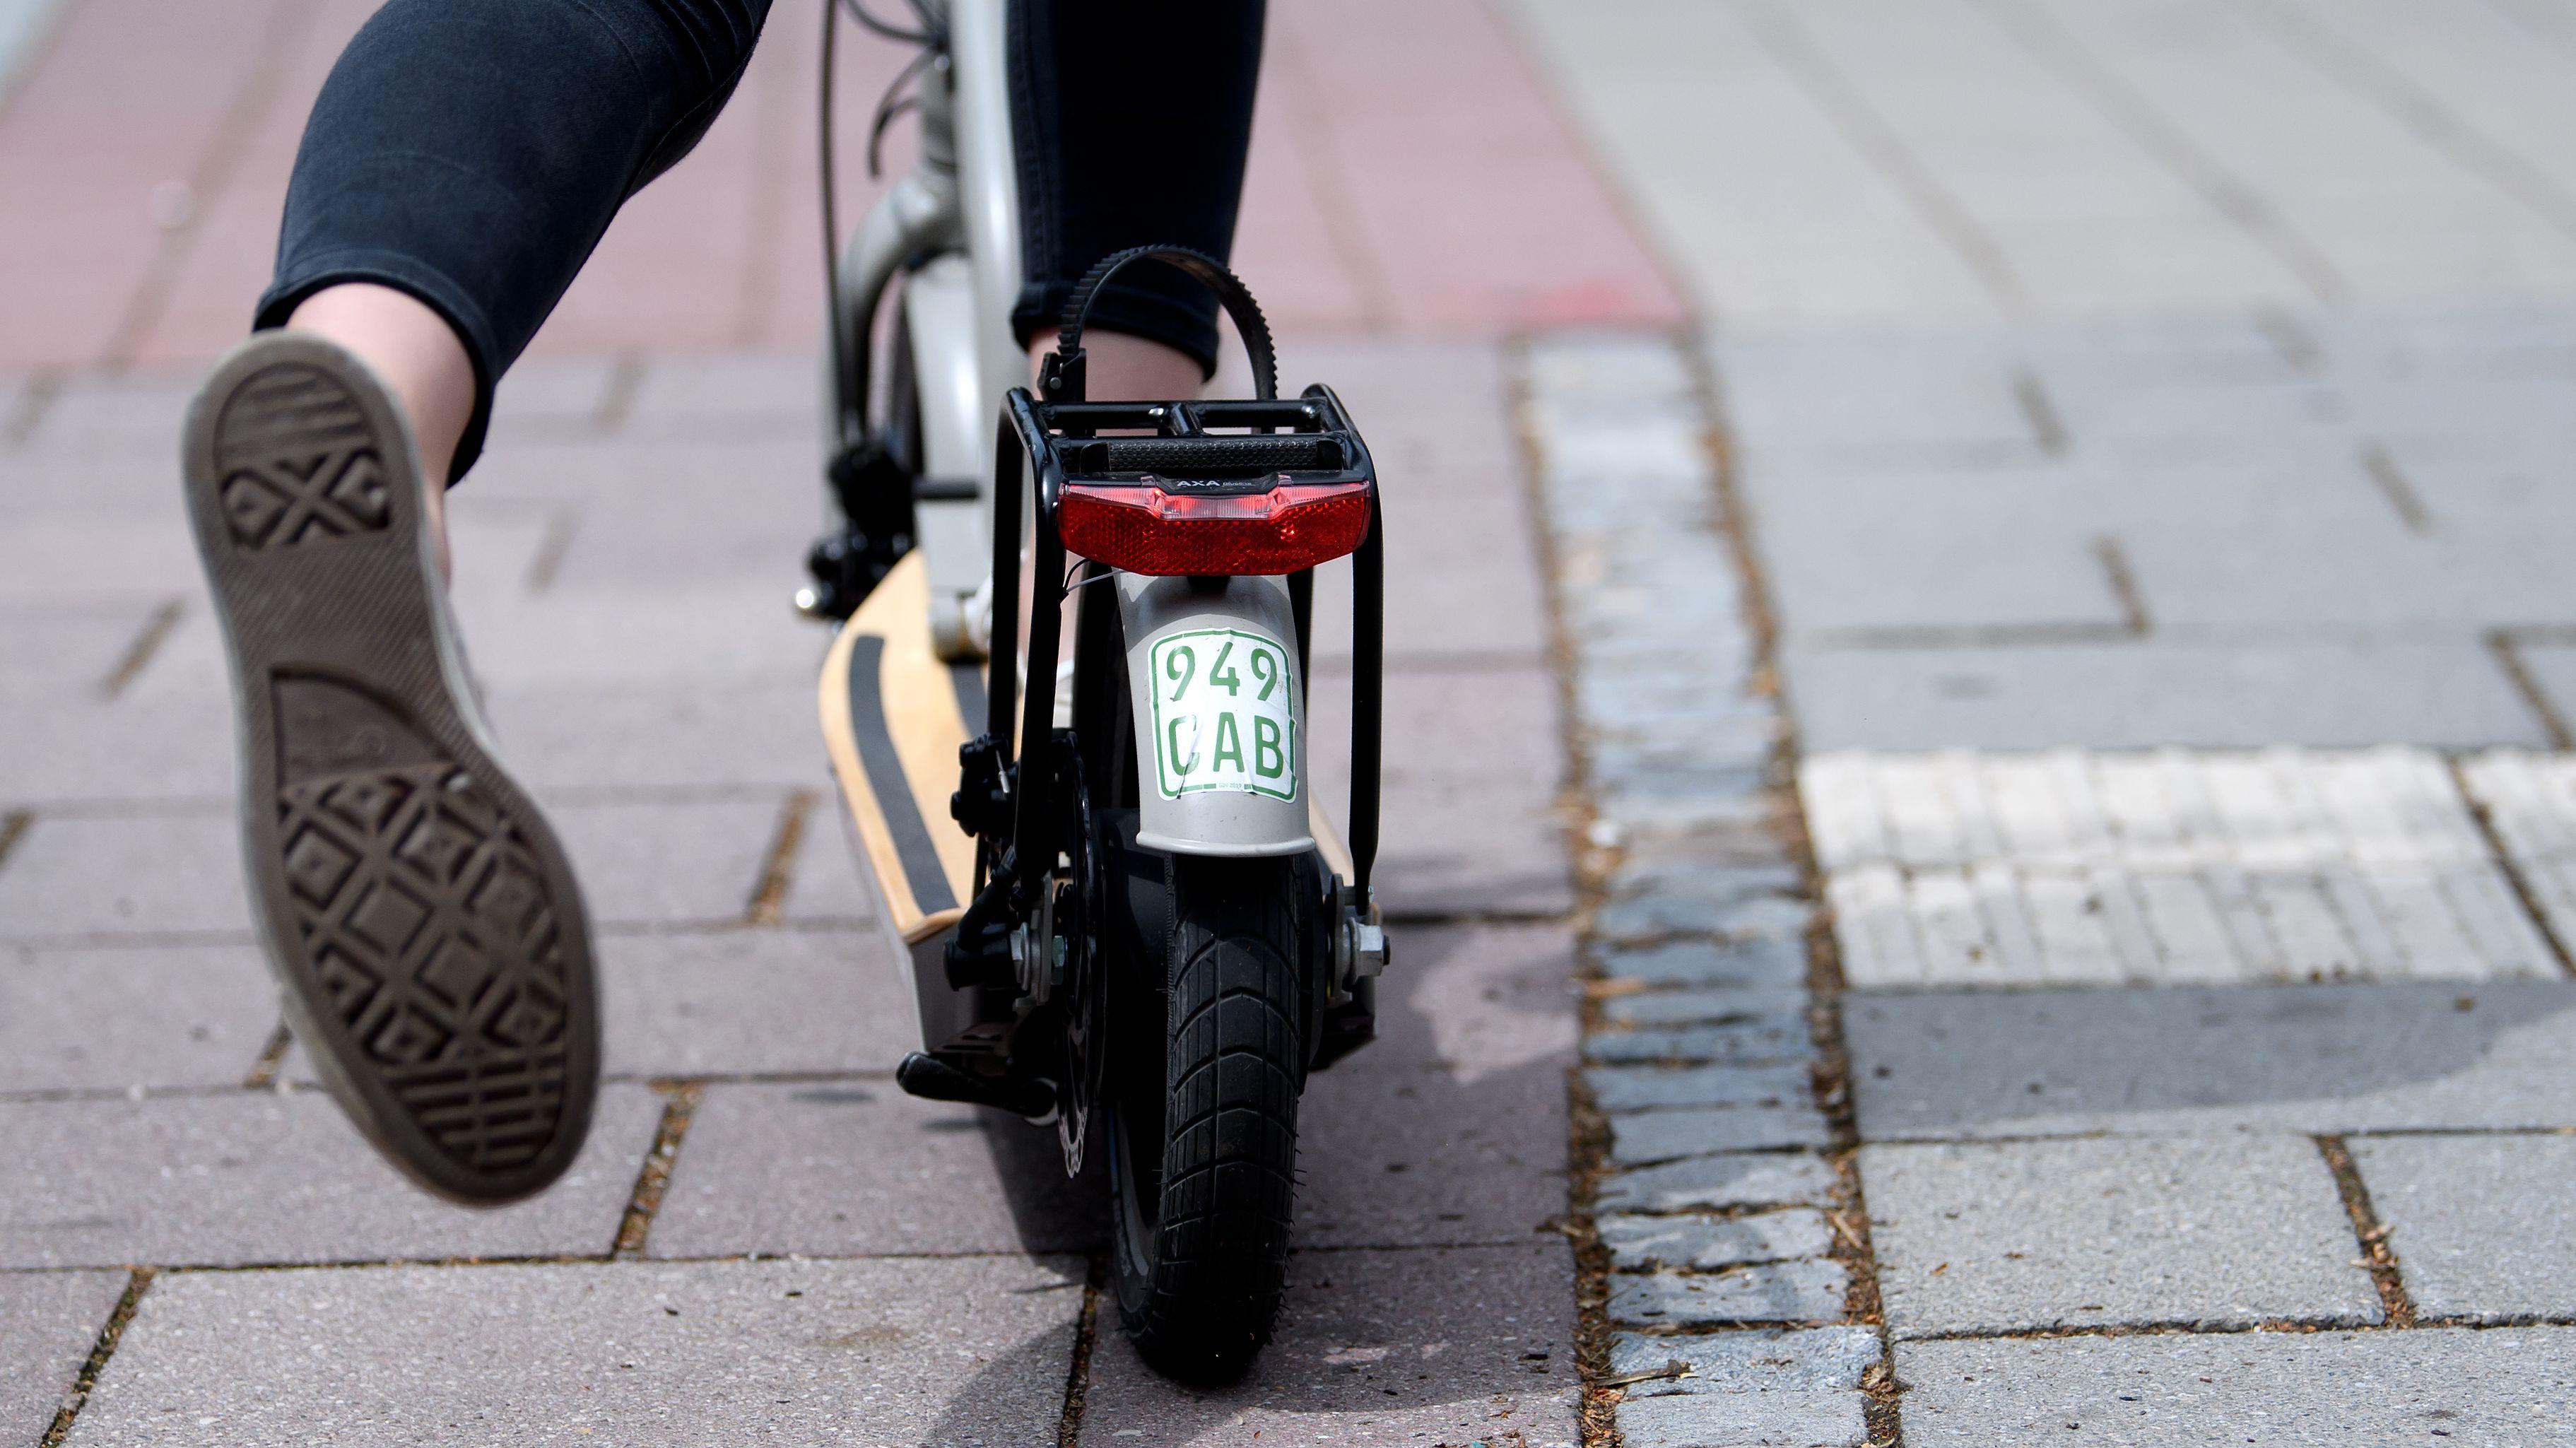 Ein E-Scooter auf einem Radweg